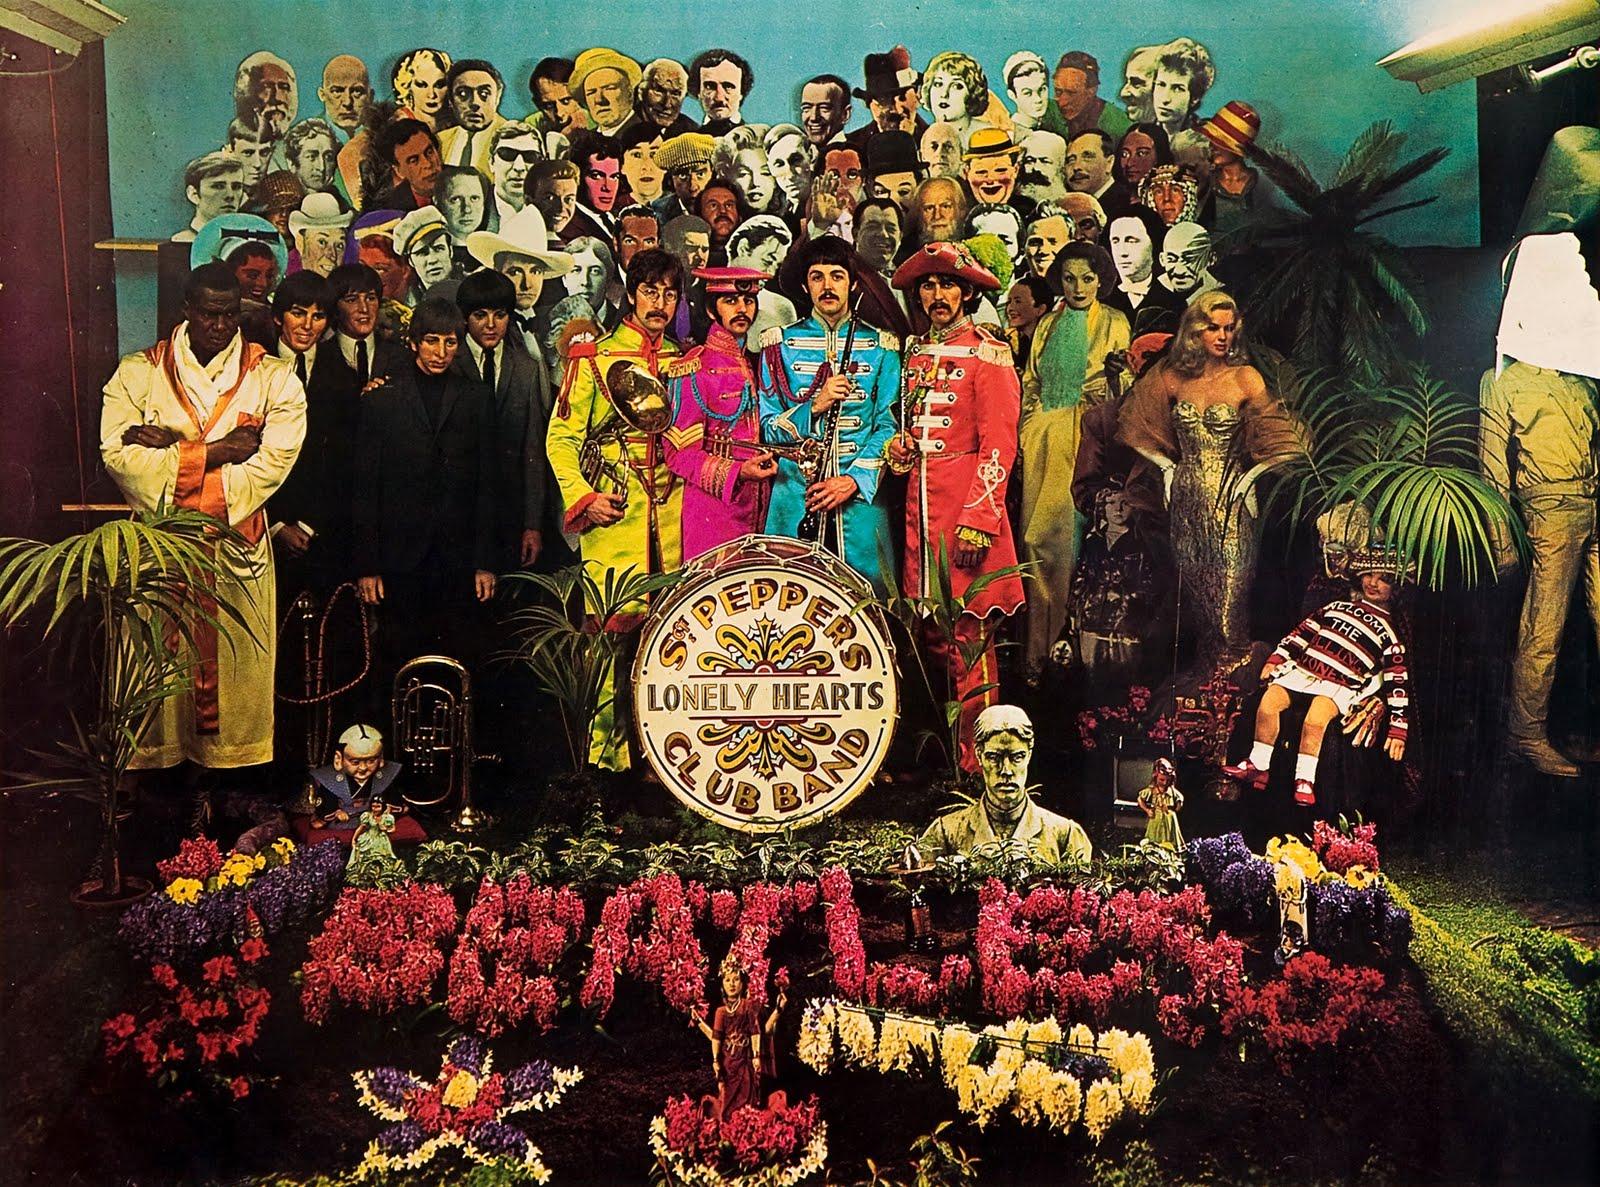 http://3.bp.blogspot.com/-5-FsPQlLOyE/TjbNNoIfA7I/AAAAAAAAFl4/mCean6cPge8/s1600/Sgt-Pepper-Uncropped.jpg